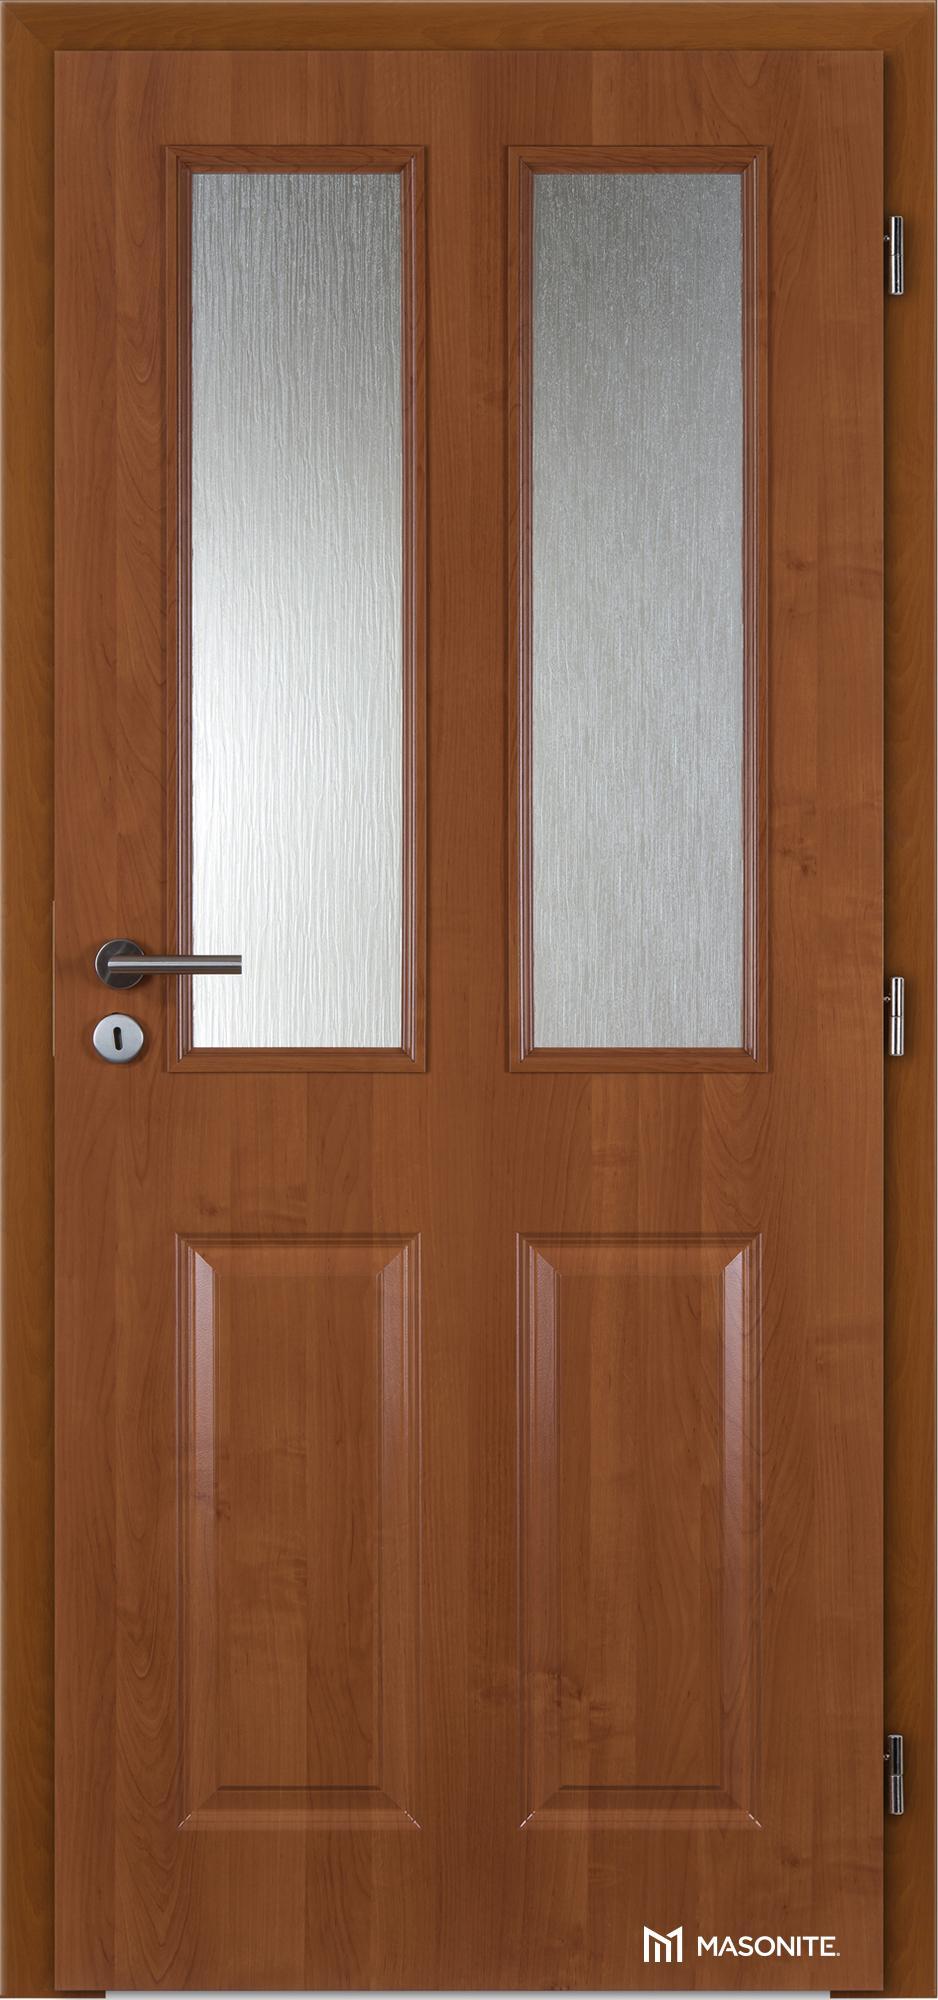 MASONITE - ACHILLES CLASSIC DEKOR - PVC